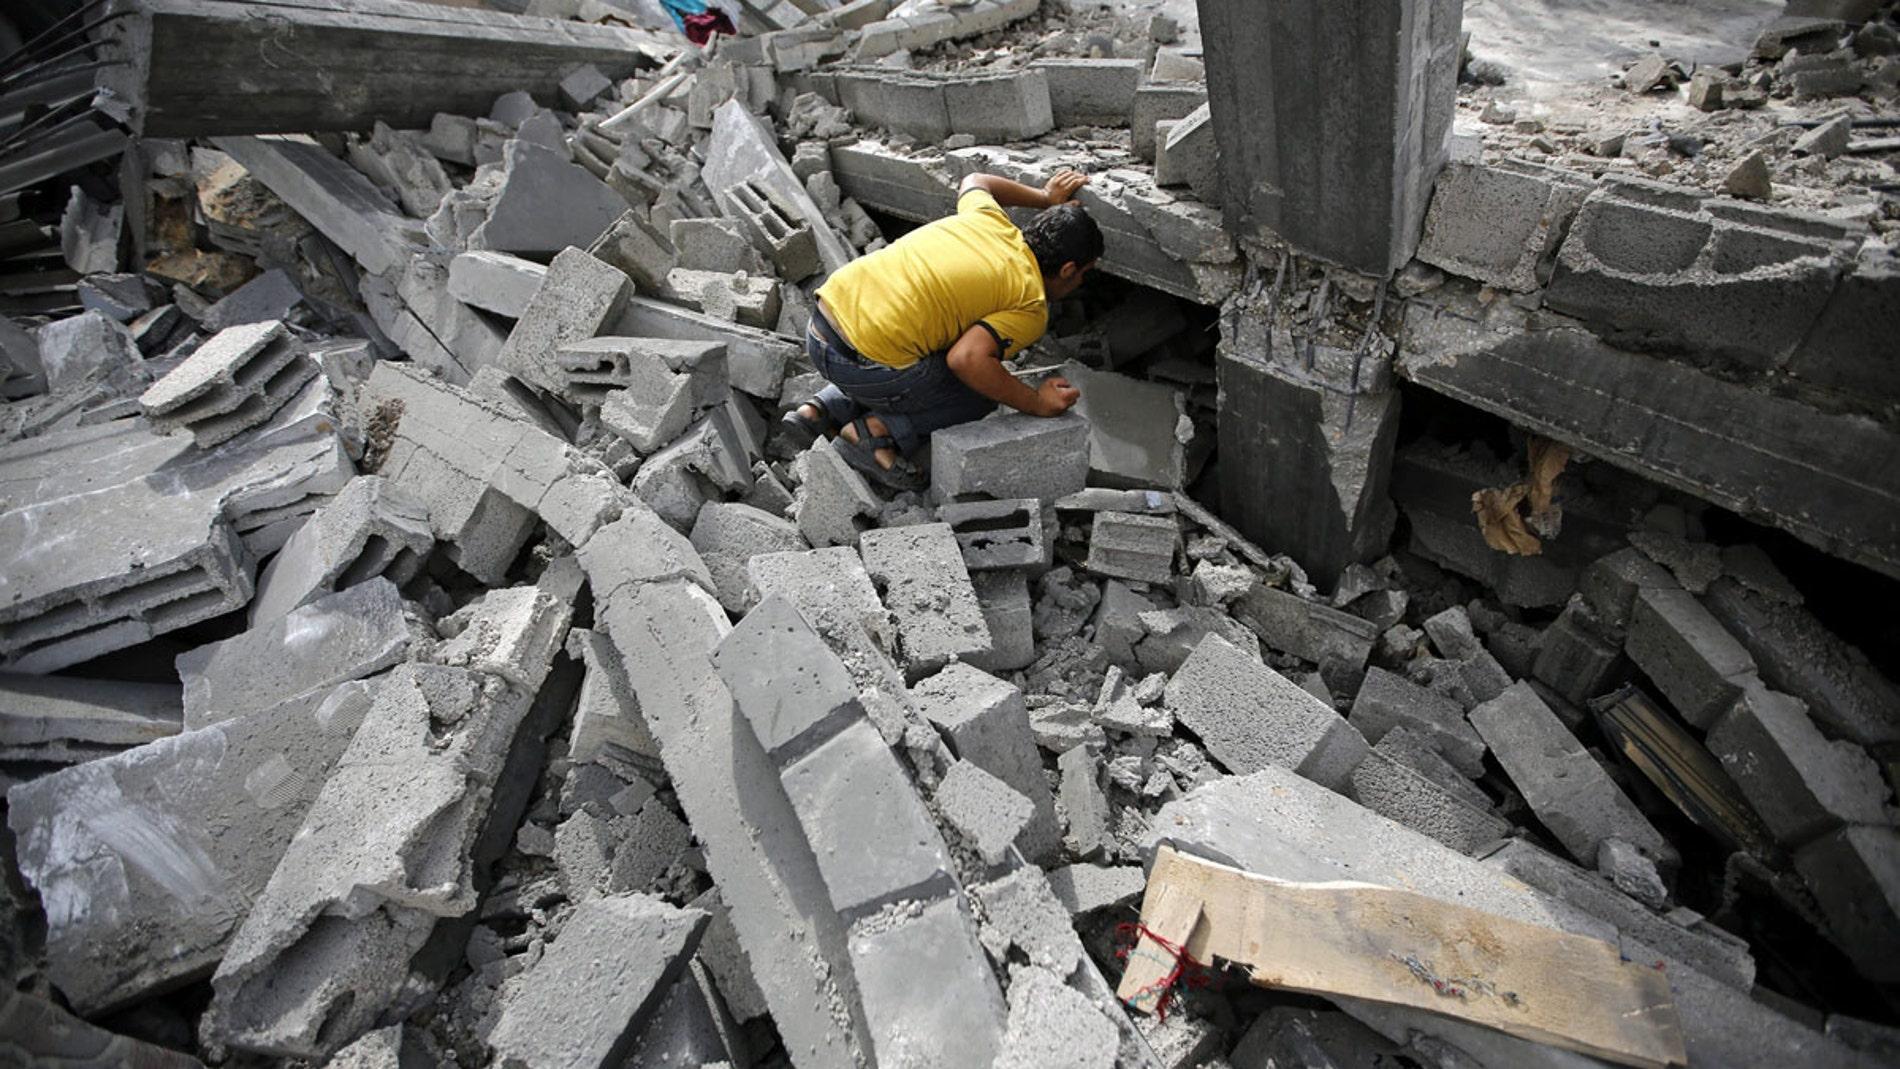 Un palestino busca entre los escombros tras un bombardeo israelí